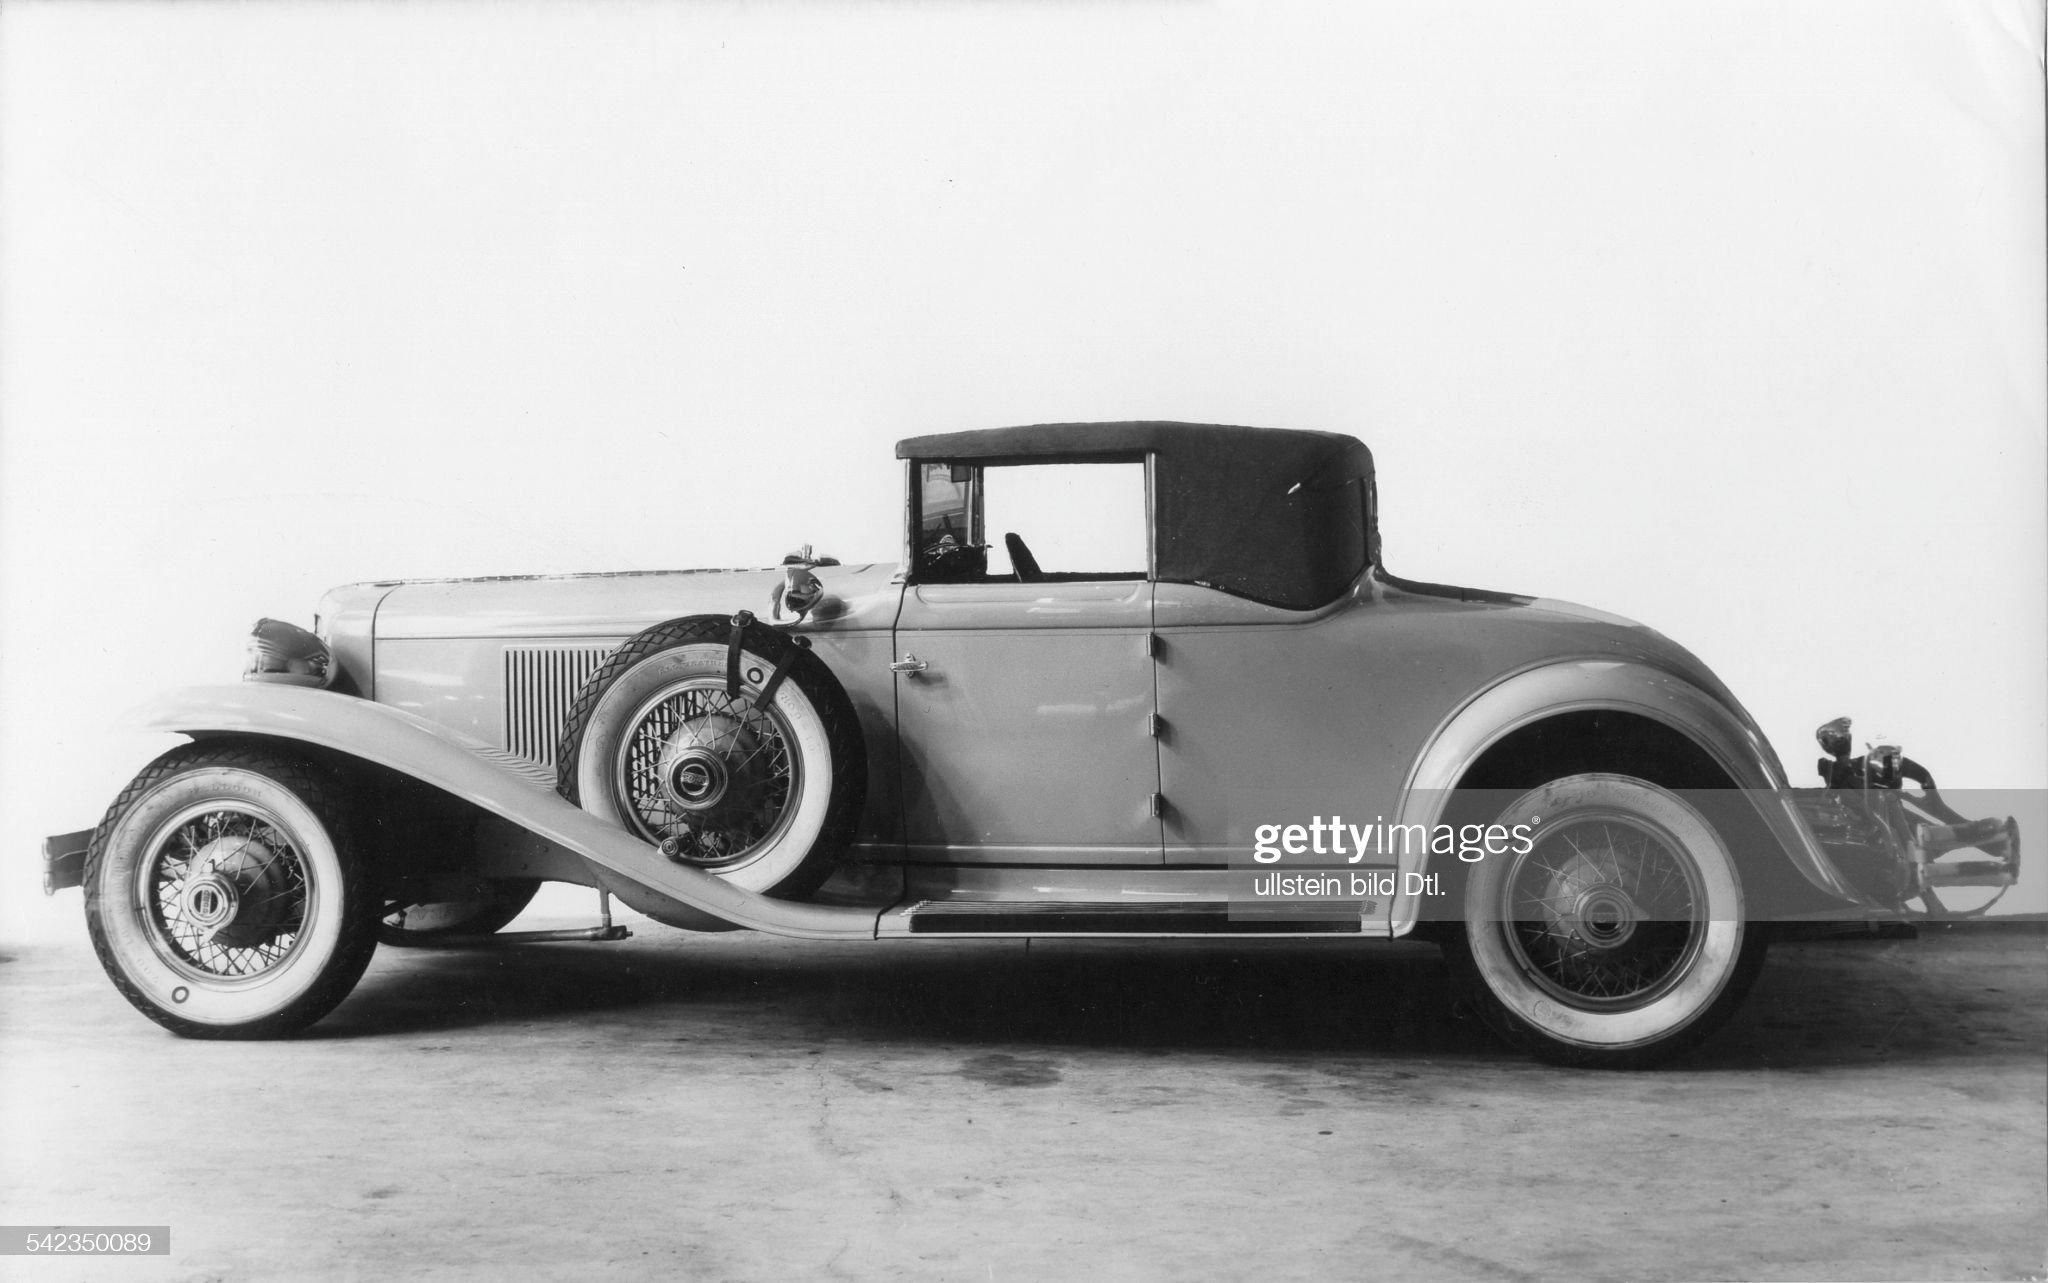 Autos Cabriolet Cord Auburn : News Photo